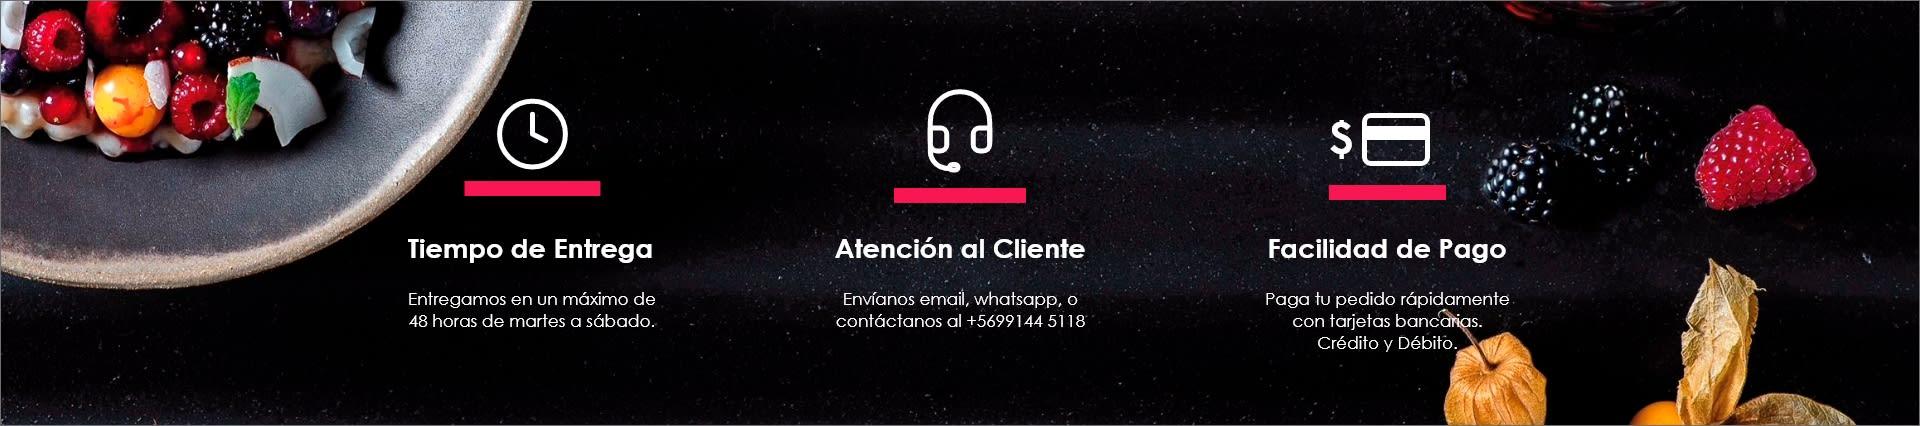 Tiempo de entrega, Atención al cliente y Facilidad de Pago